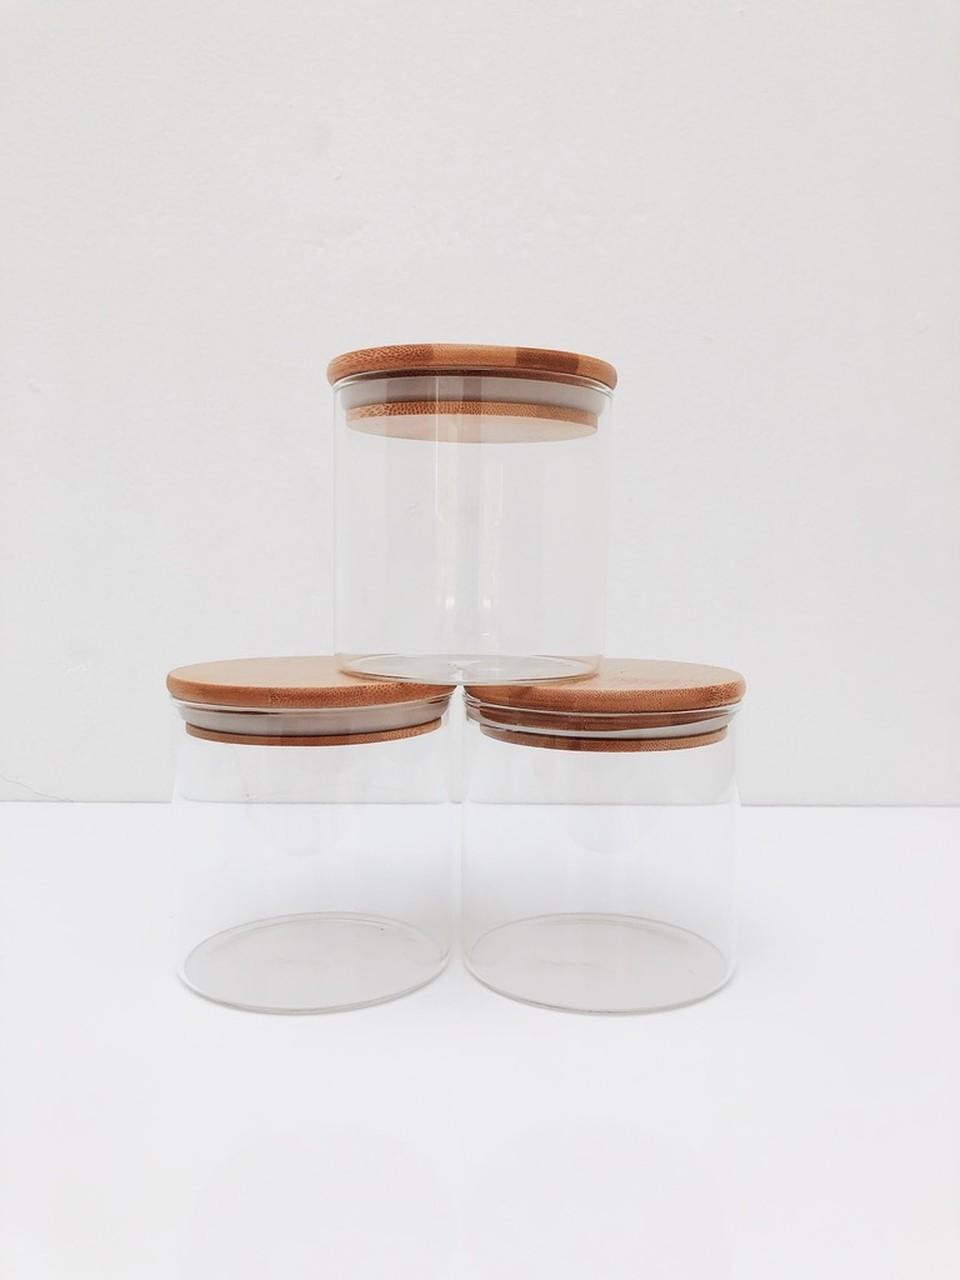 Kit Pote de Vidro com Tampa de Bambu 500ml - 3 Peças  - CASACOBRE